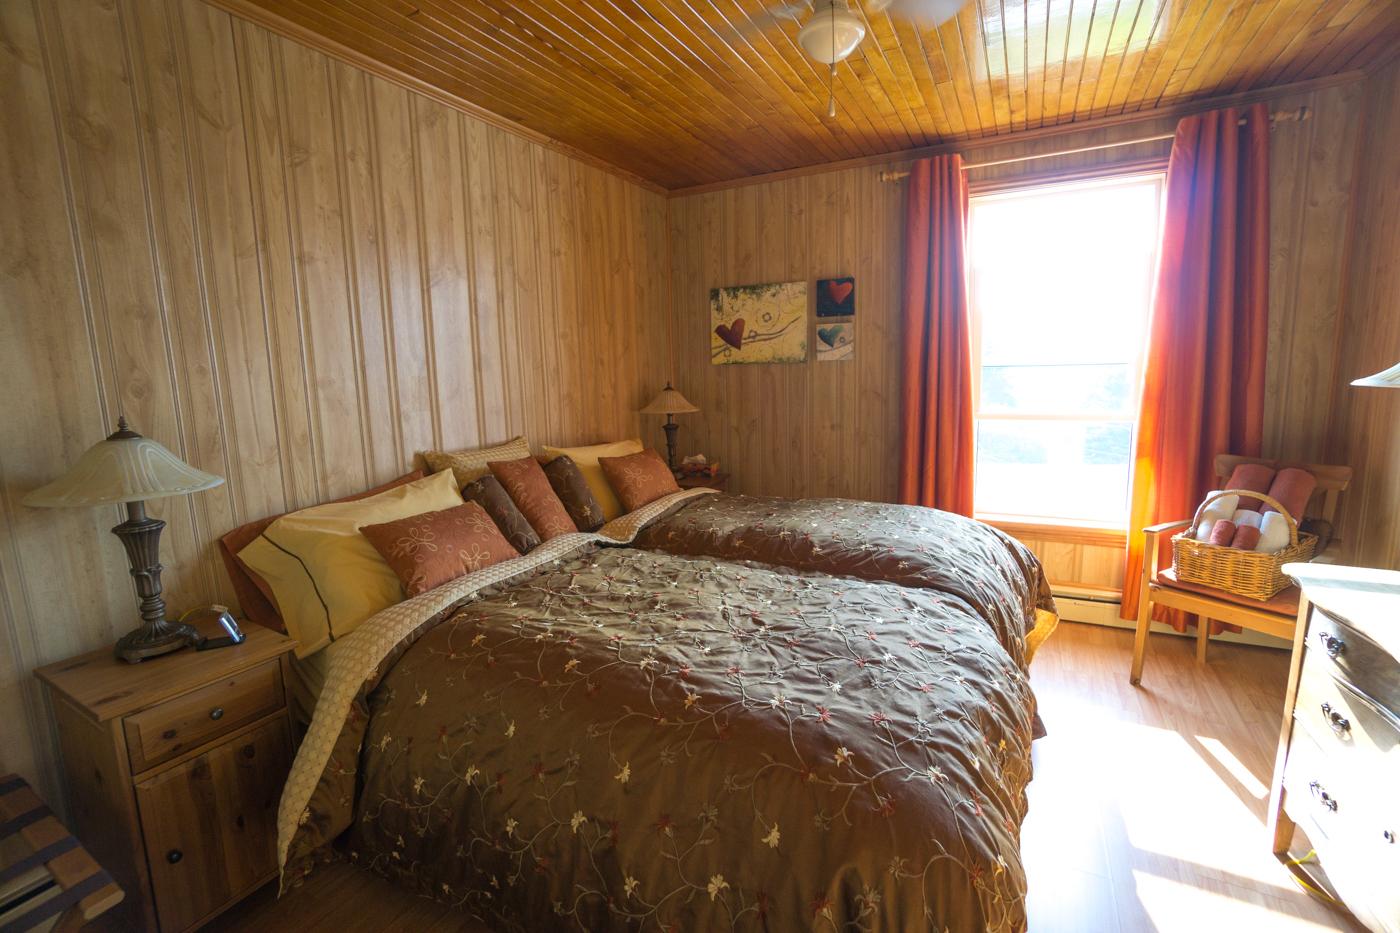 Auberge Haut bois dormant - chambre à coucher